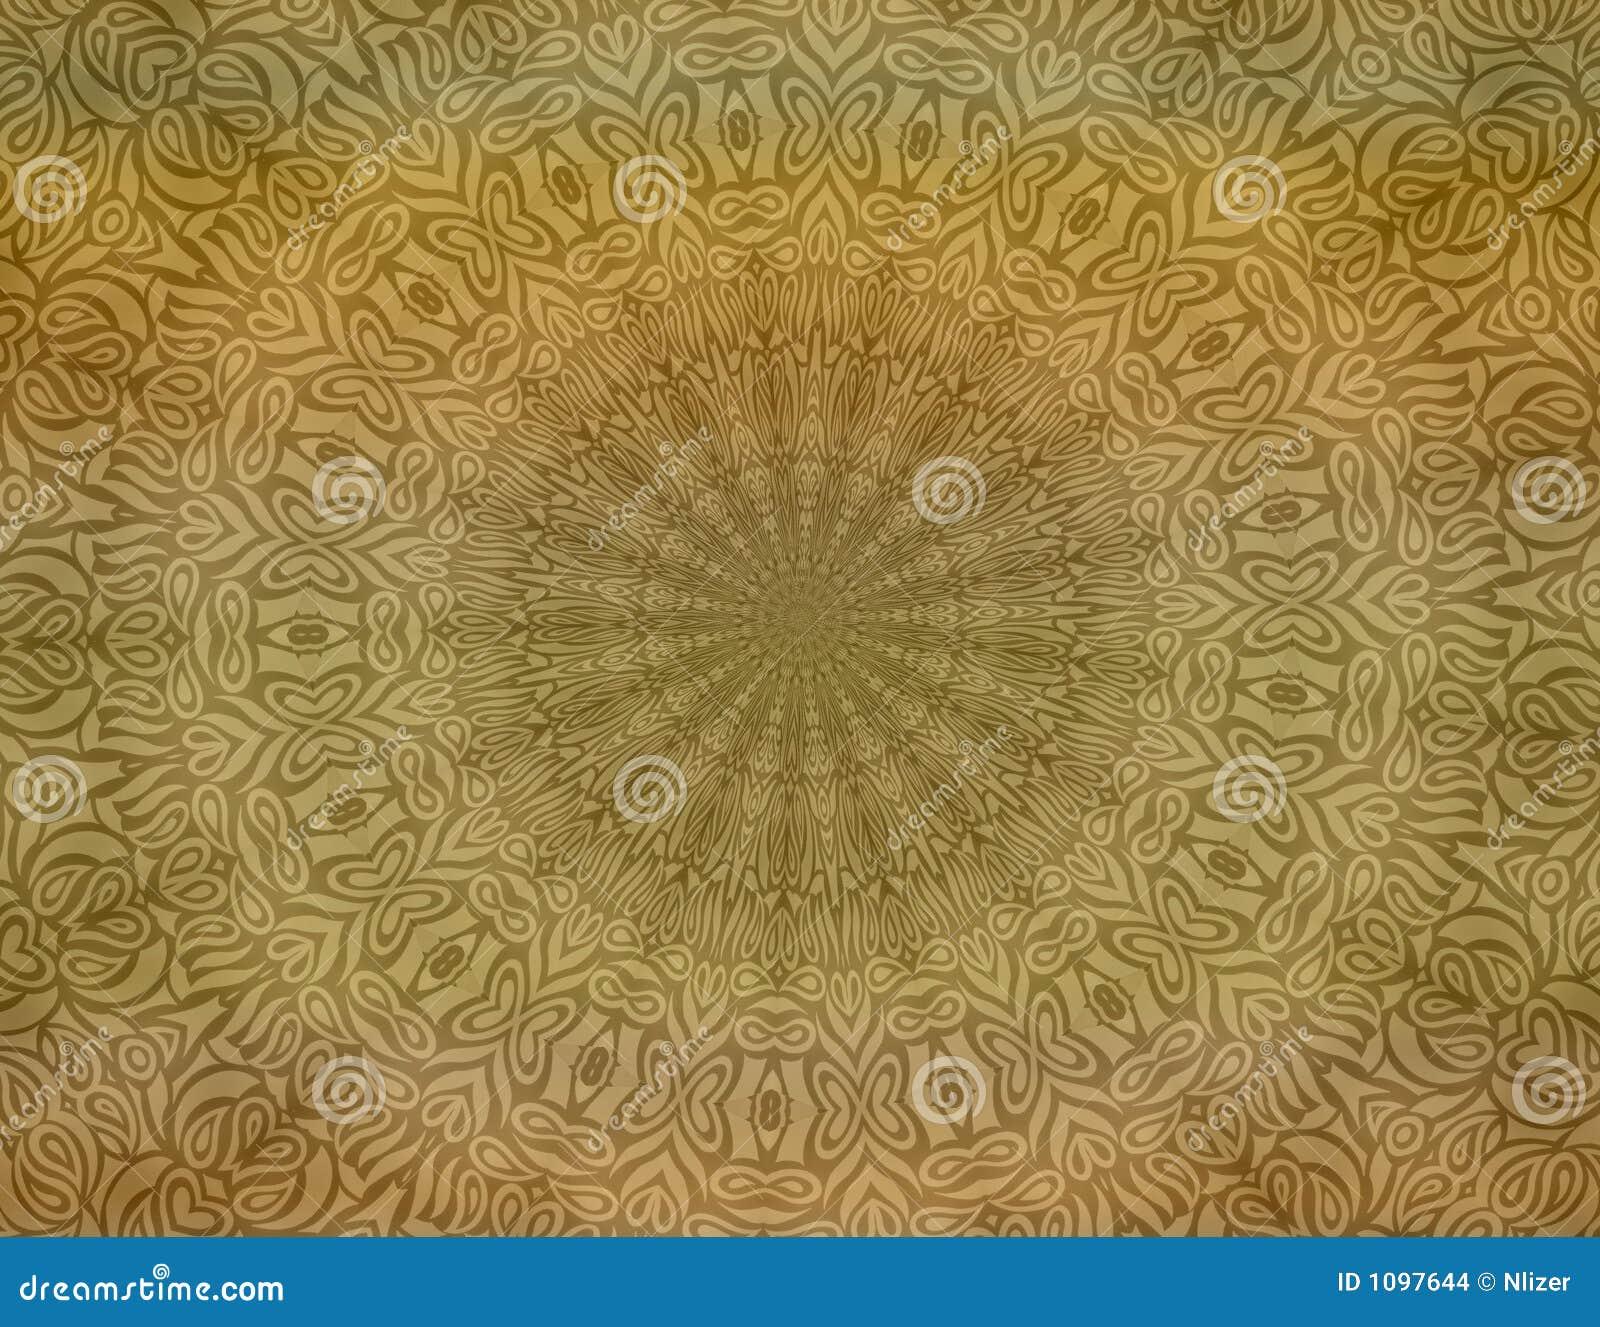 Brown and Tan Desktop Wallpaper